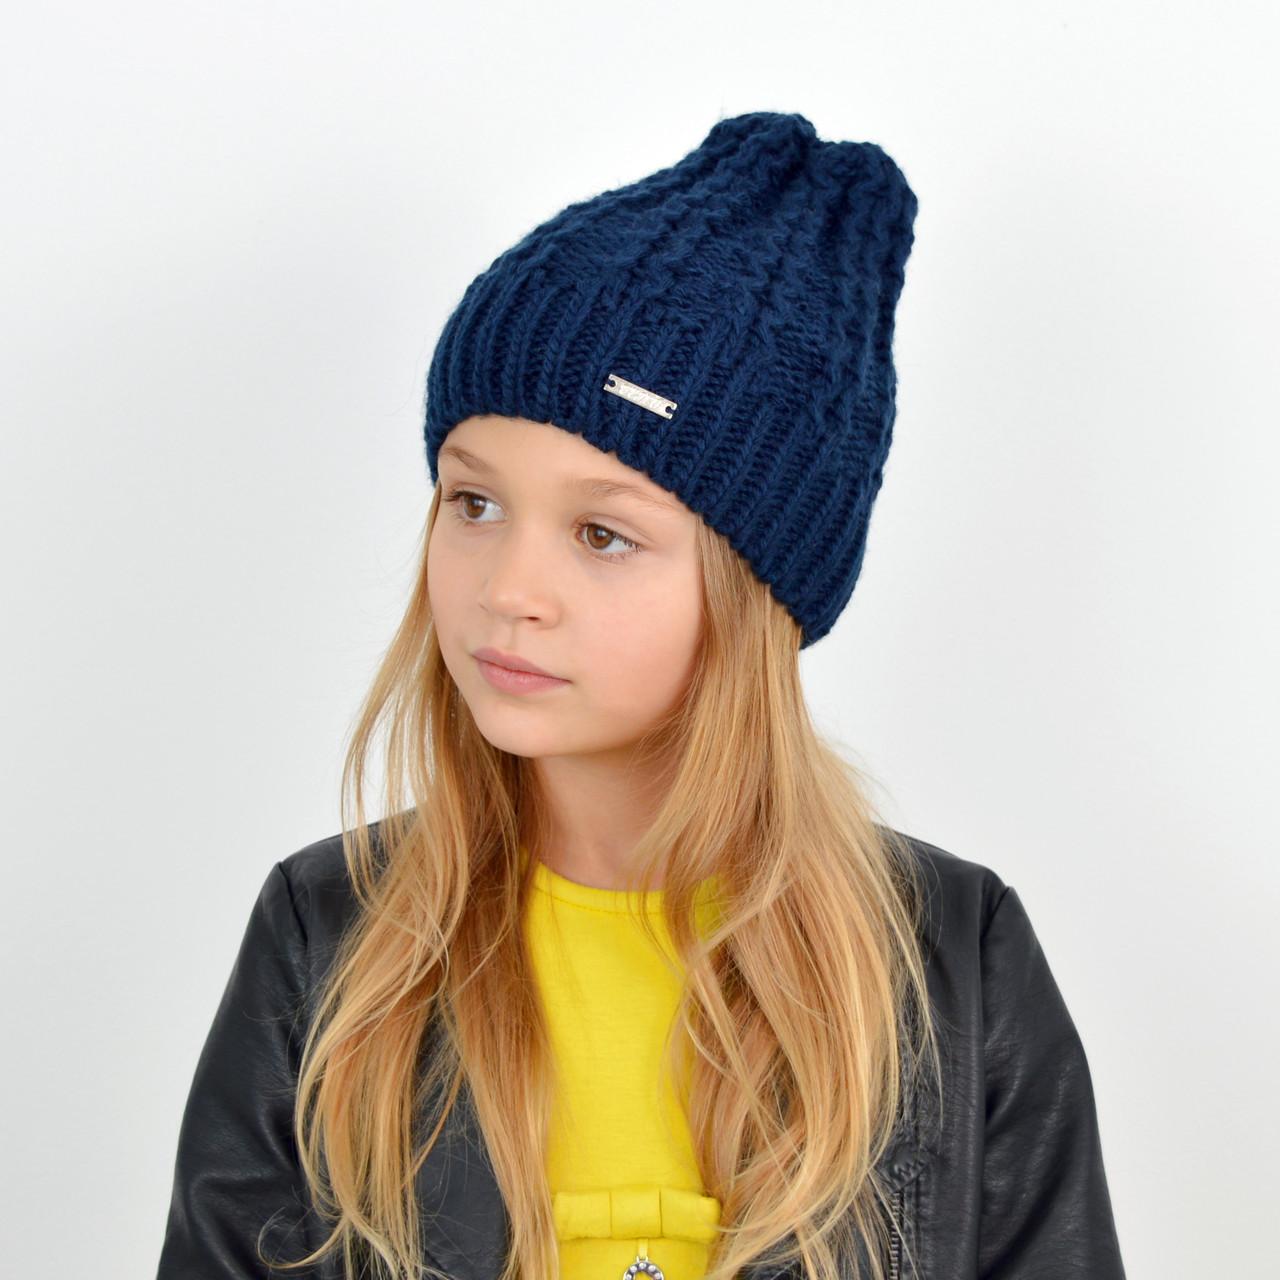 Детская вязаная шапка 3310 Синий